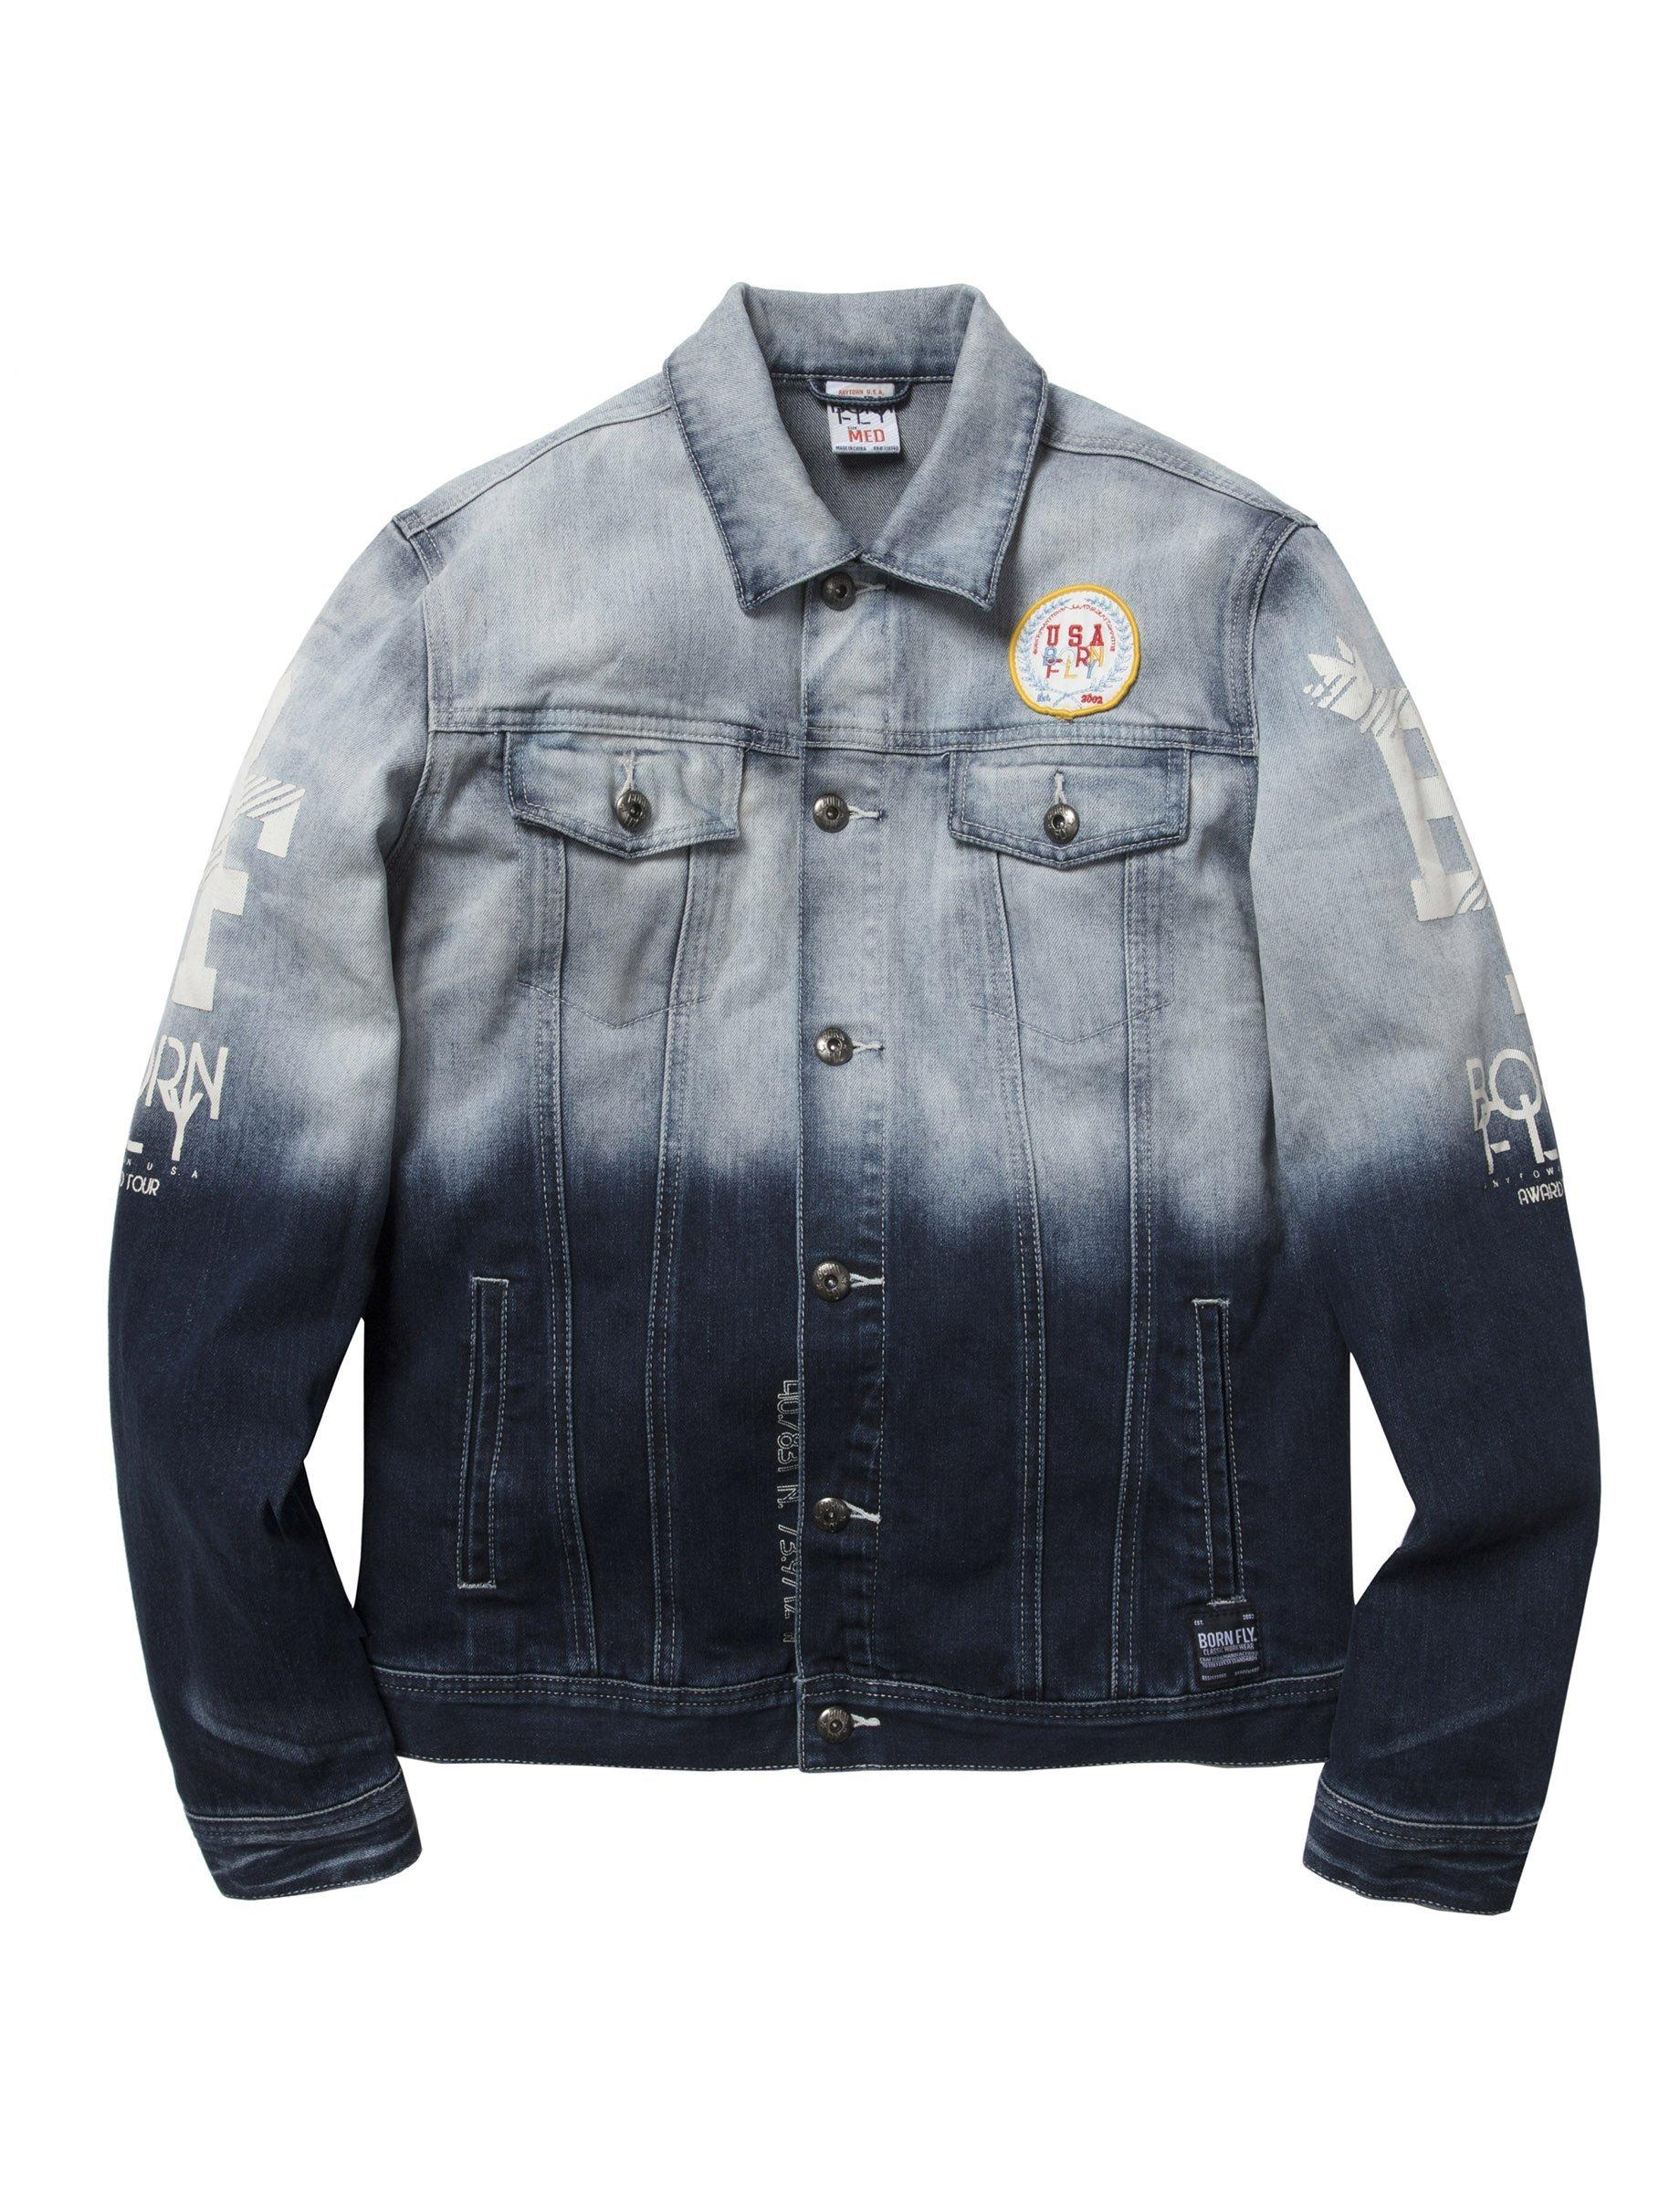 Contador Denim Jacket Mens Big And Tall Trucker Jacket Jackets [ 2400 x 1840 Pixel ]